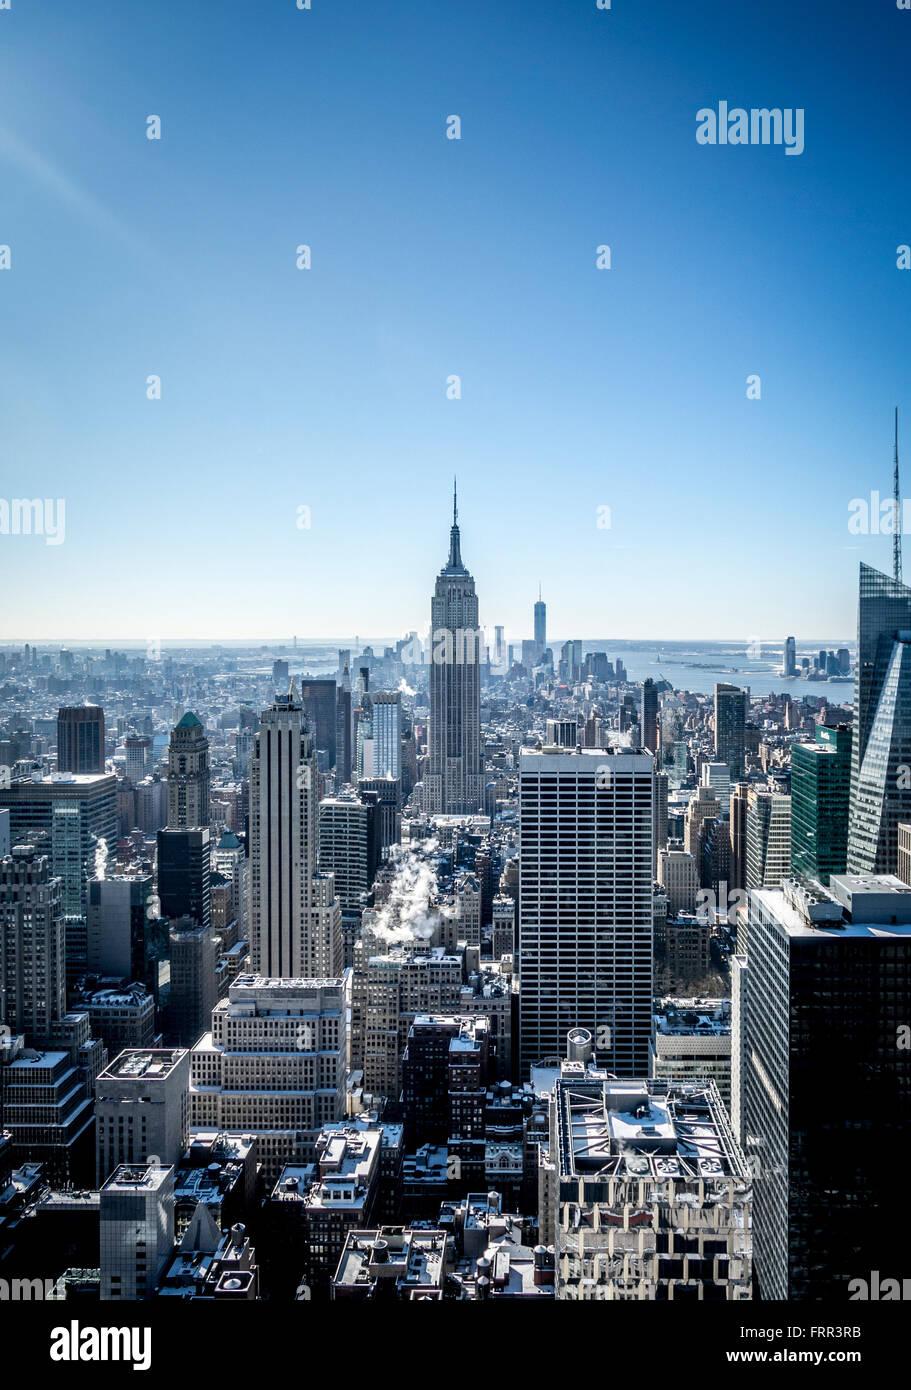 El Empire State Building, Nueva York, EE.UU., vistos desde la plataforma de observación del Rockefeller Center (parte superior de la roca). Foto de stock